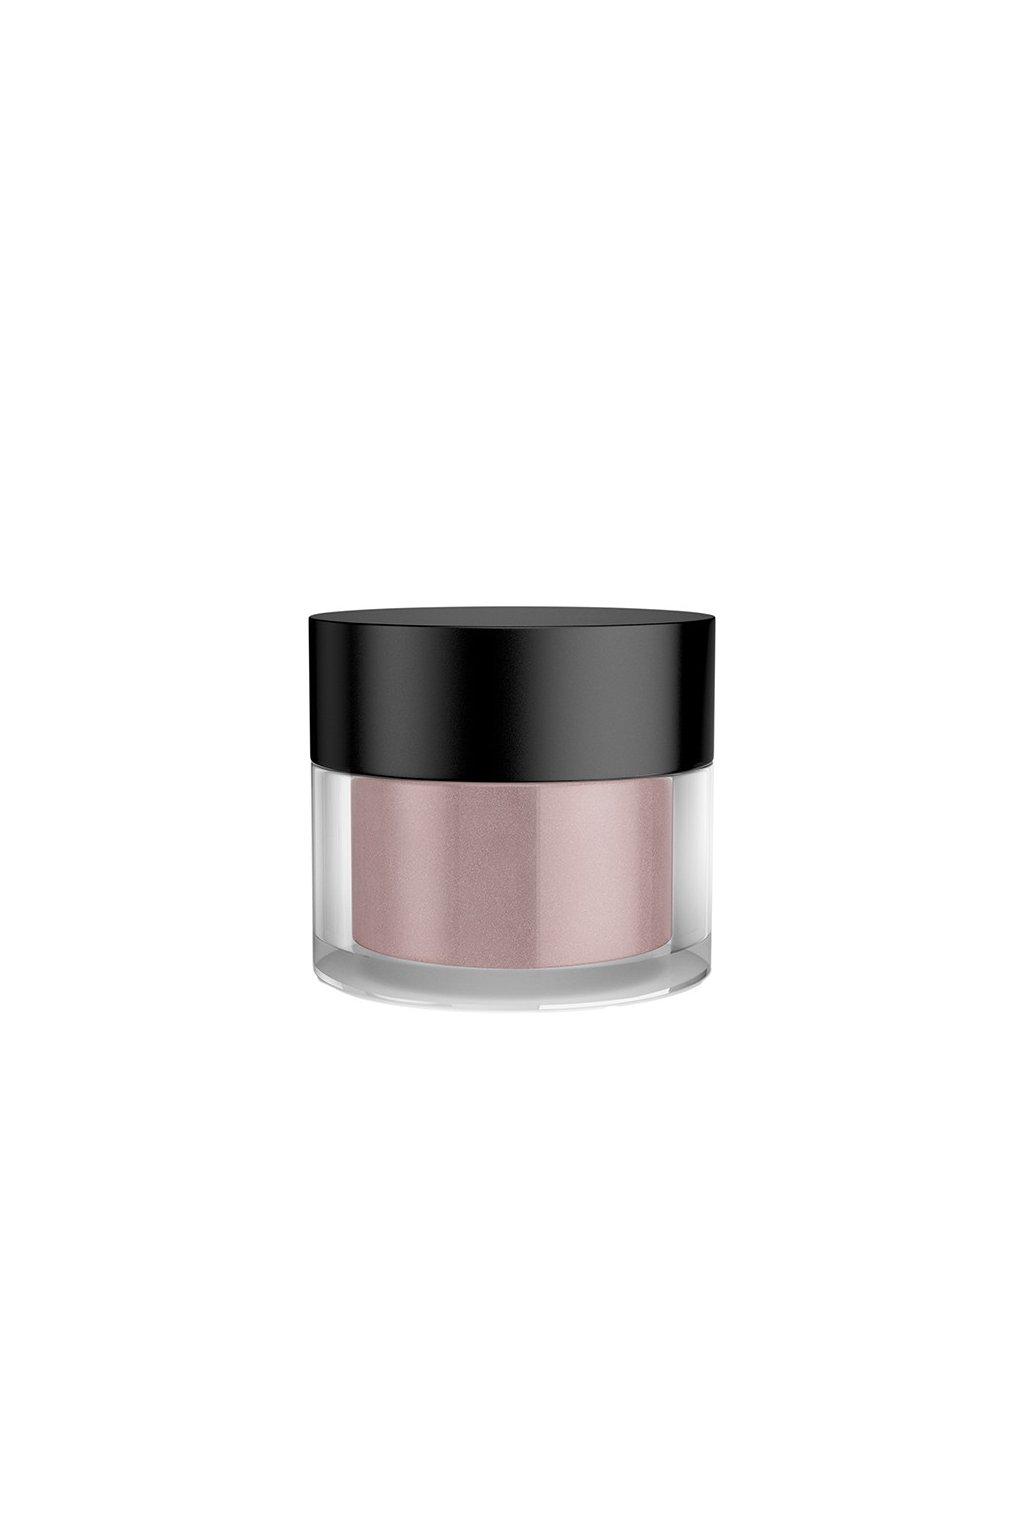 gosh effekt powder viceucelovy pigment odstin 001 satin